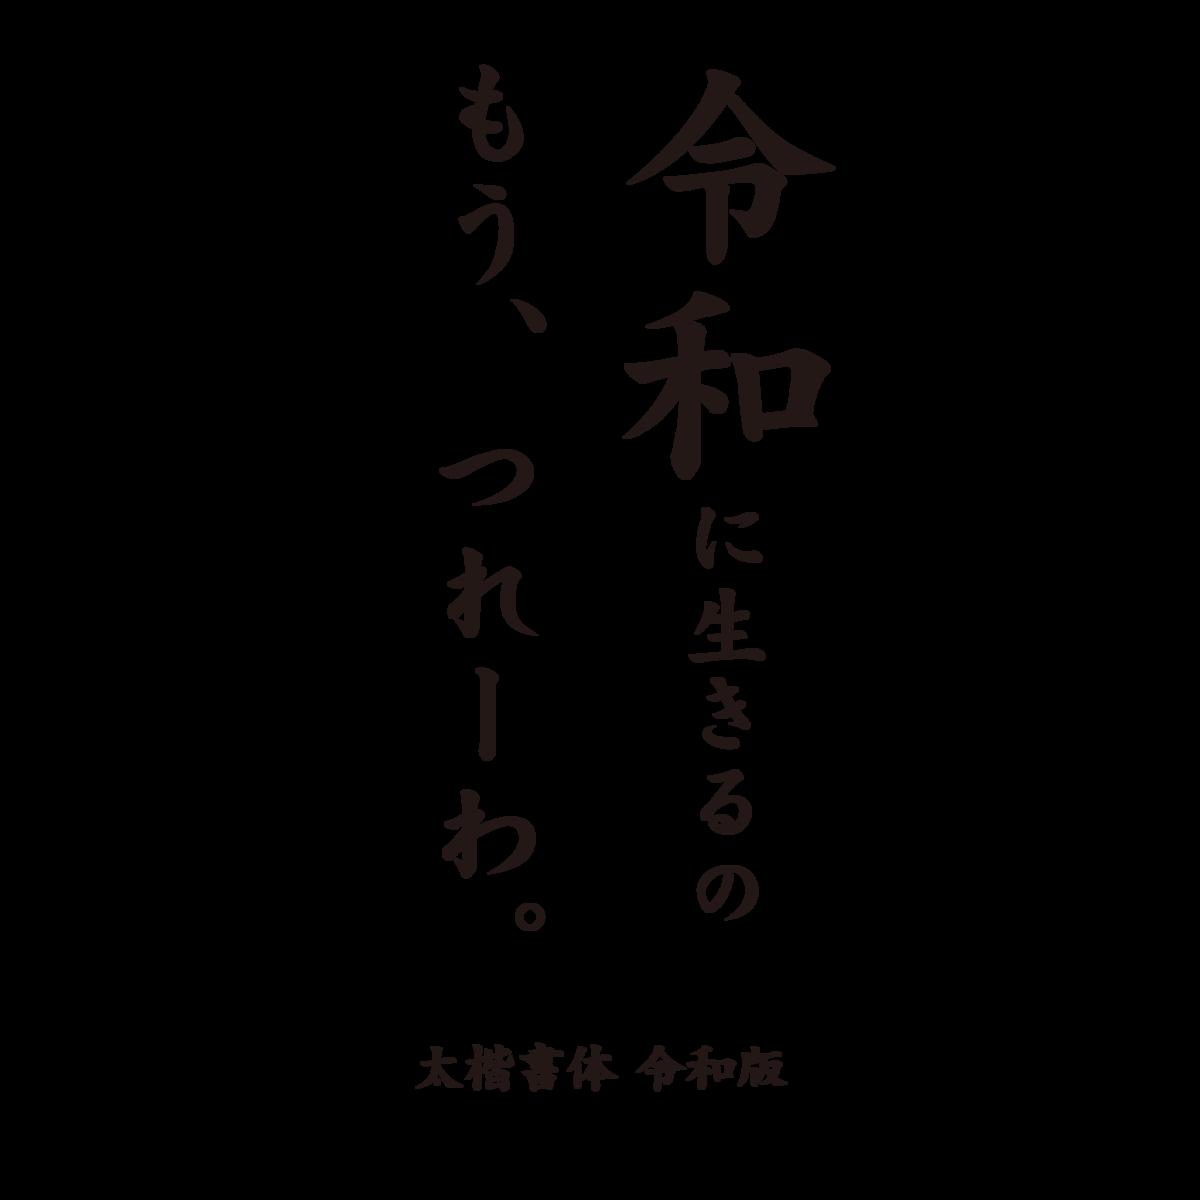 f:id:mojiru:20200608090030p:plain